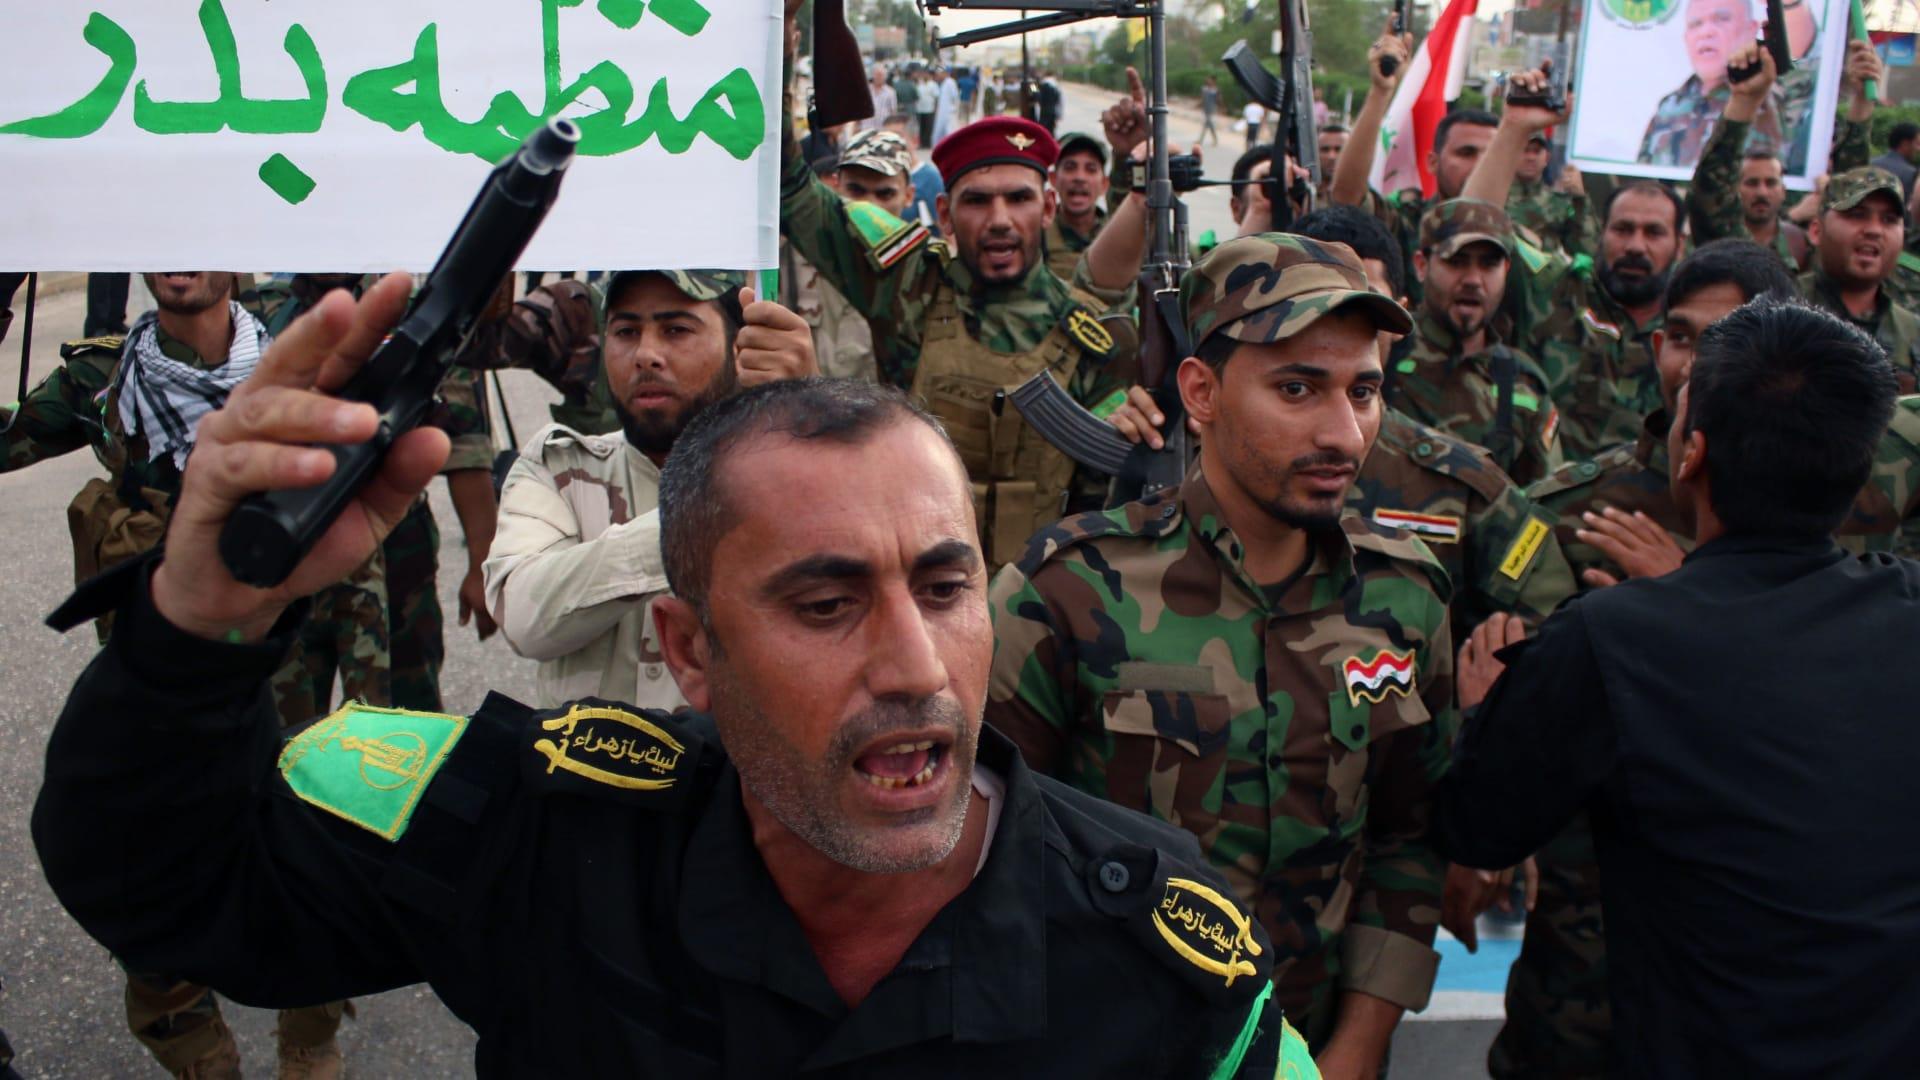 أعضاء في منظمة بدر الشيعية بالعراق، يتظاهرون للتنديد بالغارات على اليمن، البصرة 31 مارس/ آذار 2015